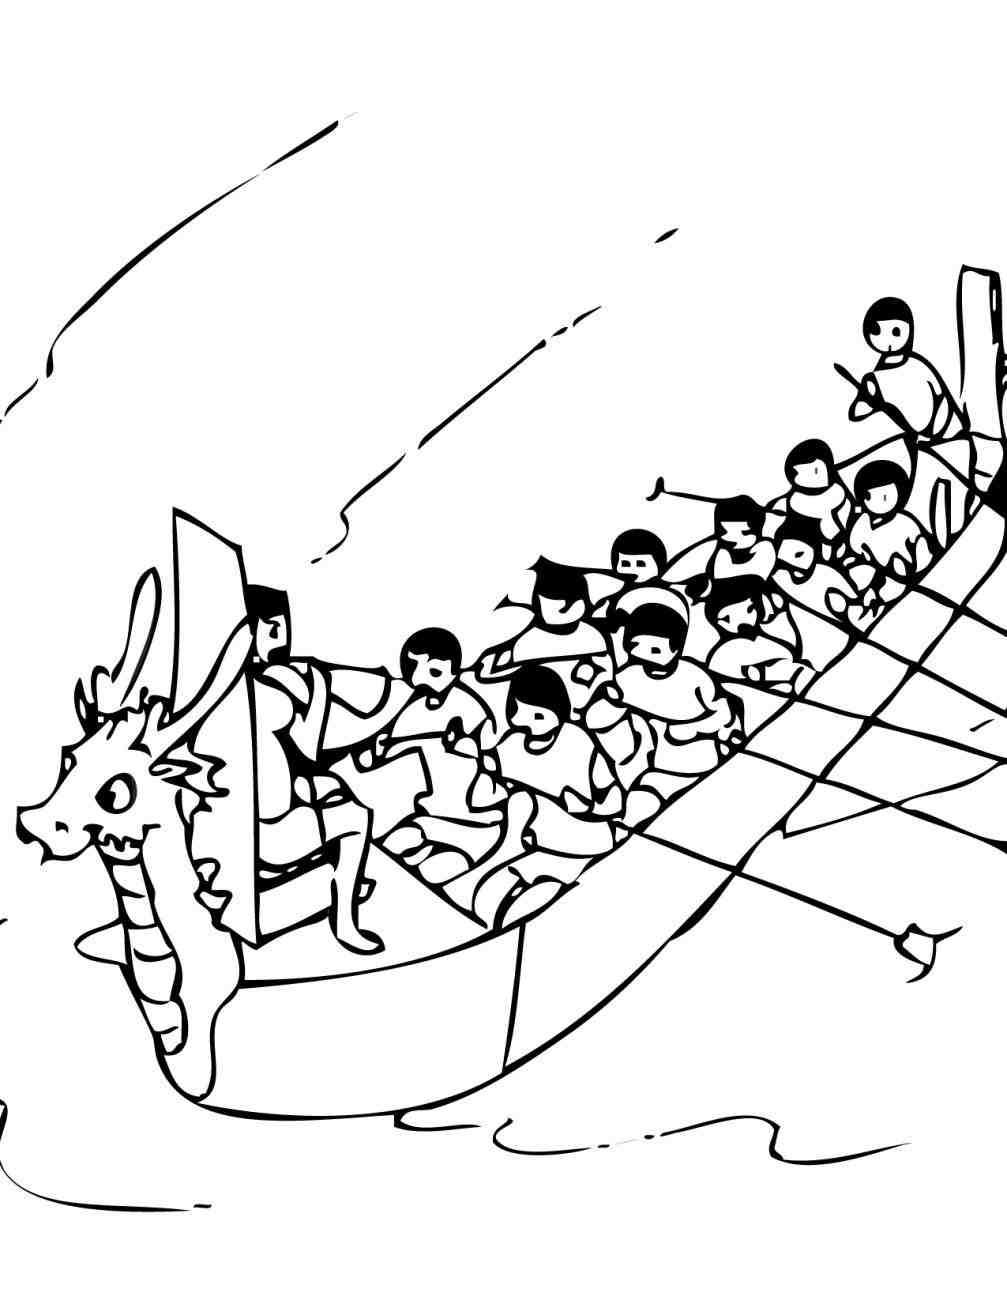 1007x1304 Dragon Boat Drawing